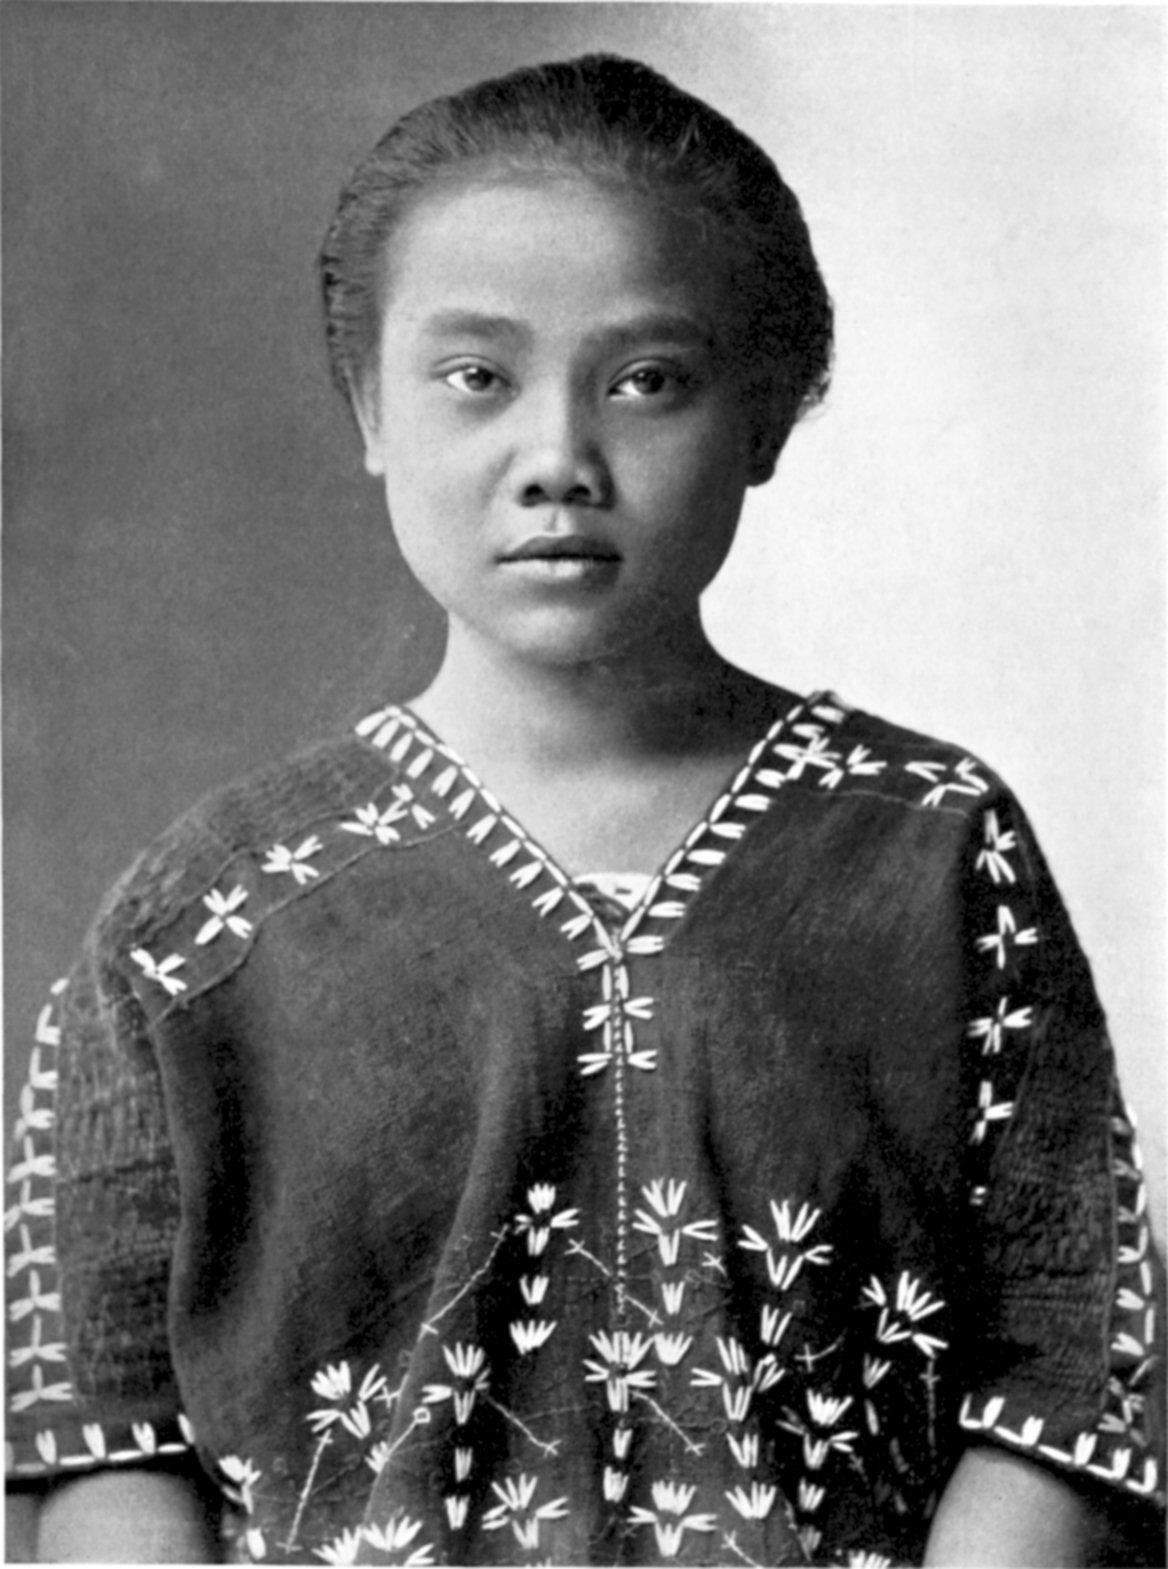 The Kayin (Karen) Ethnic Group in Myanmar